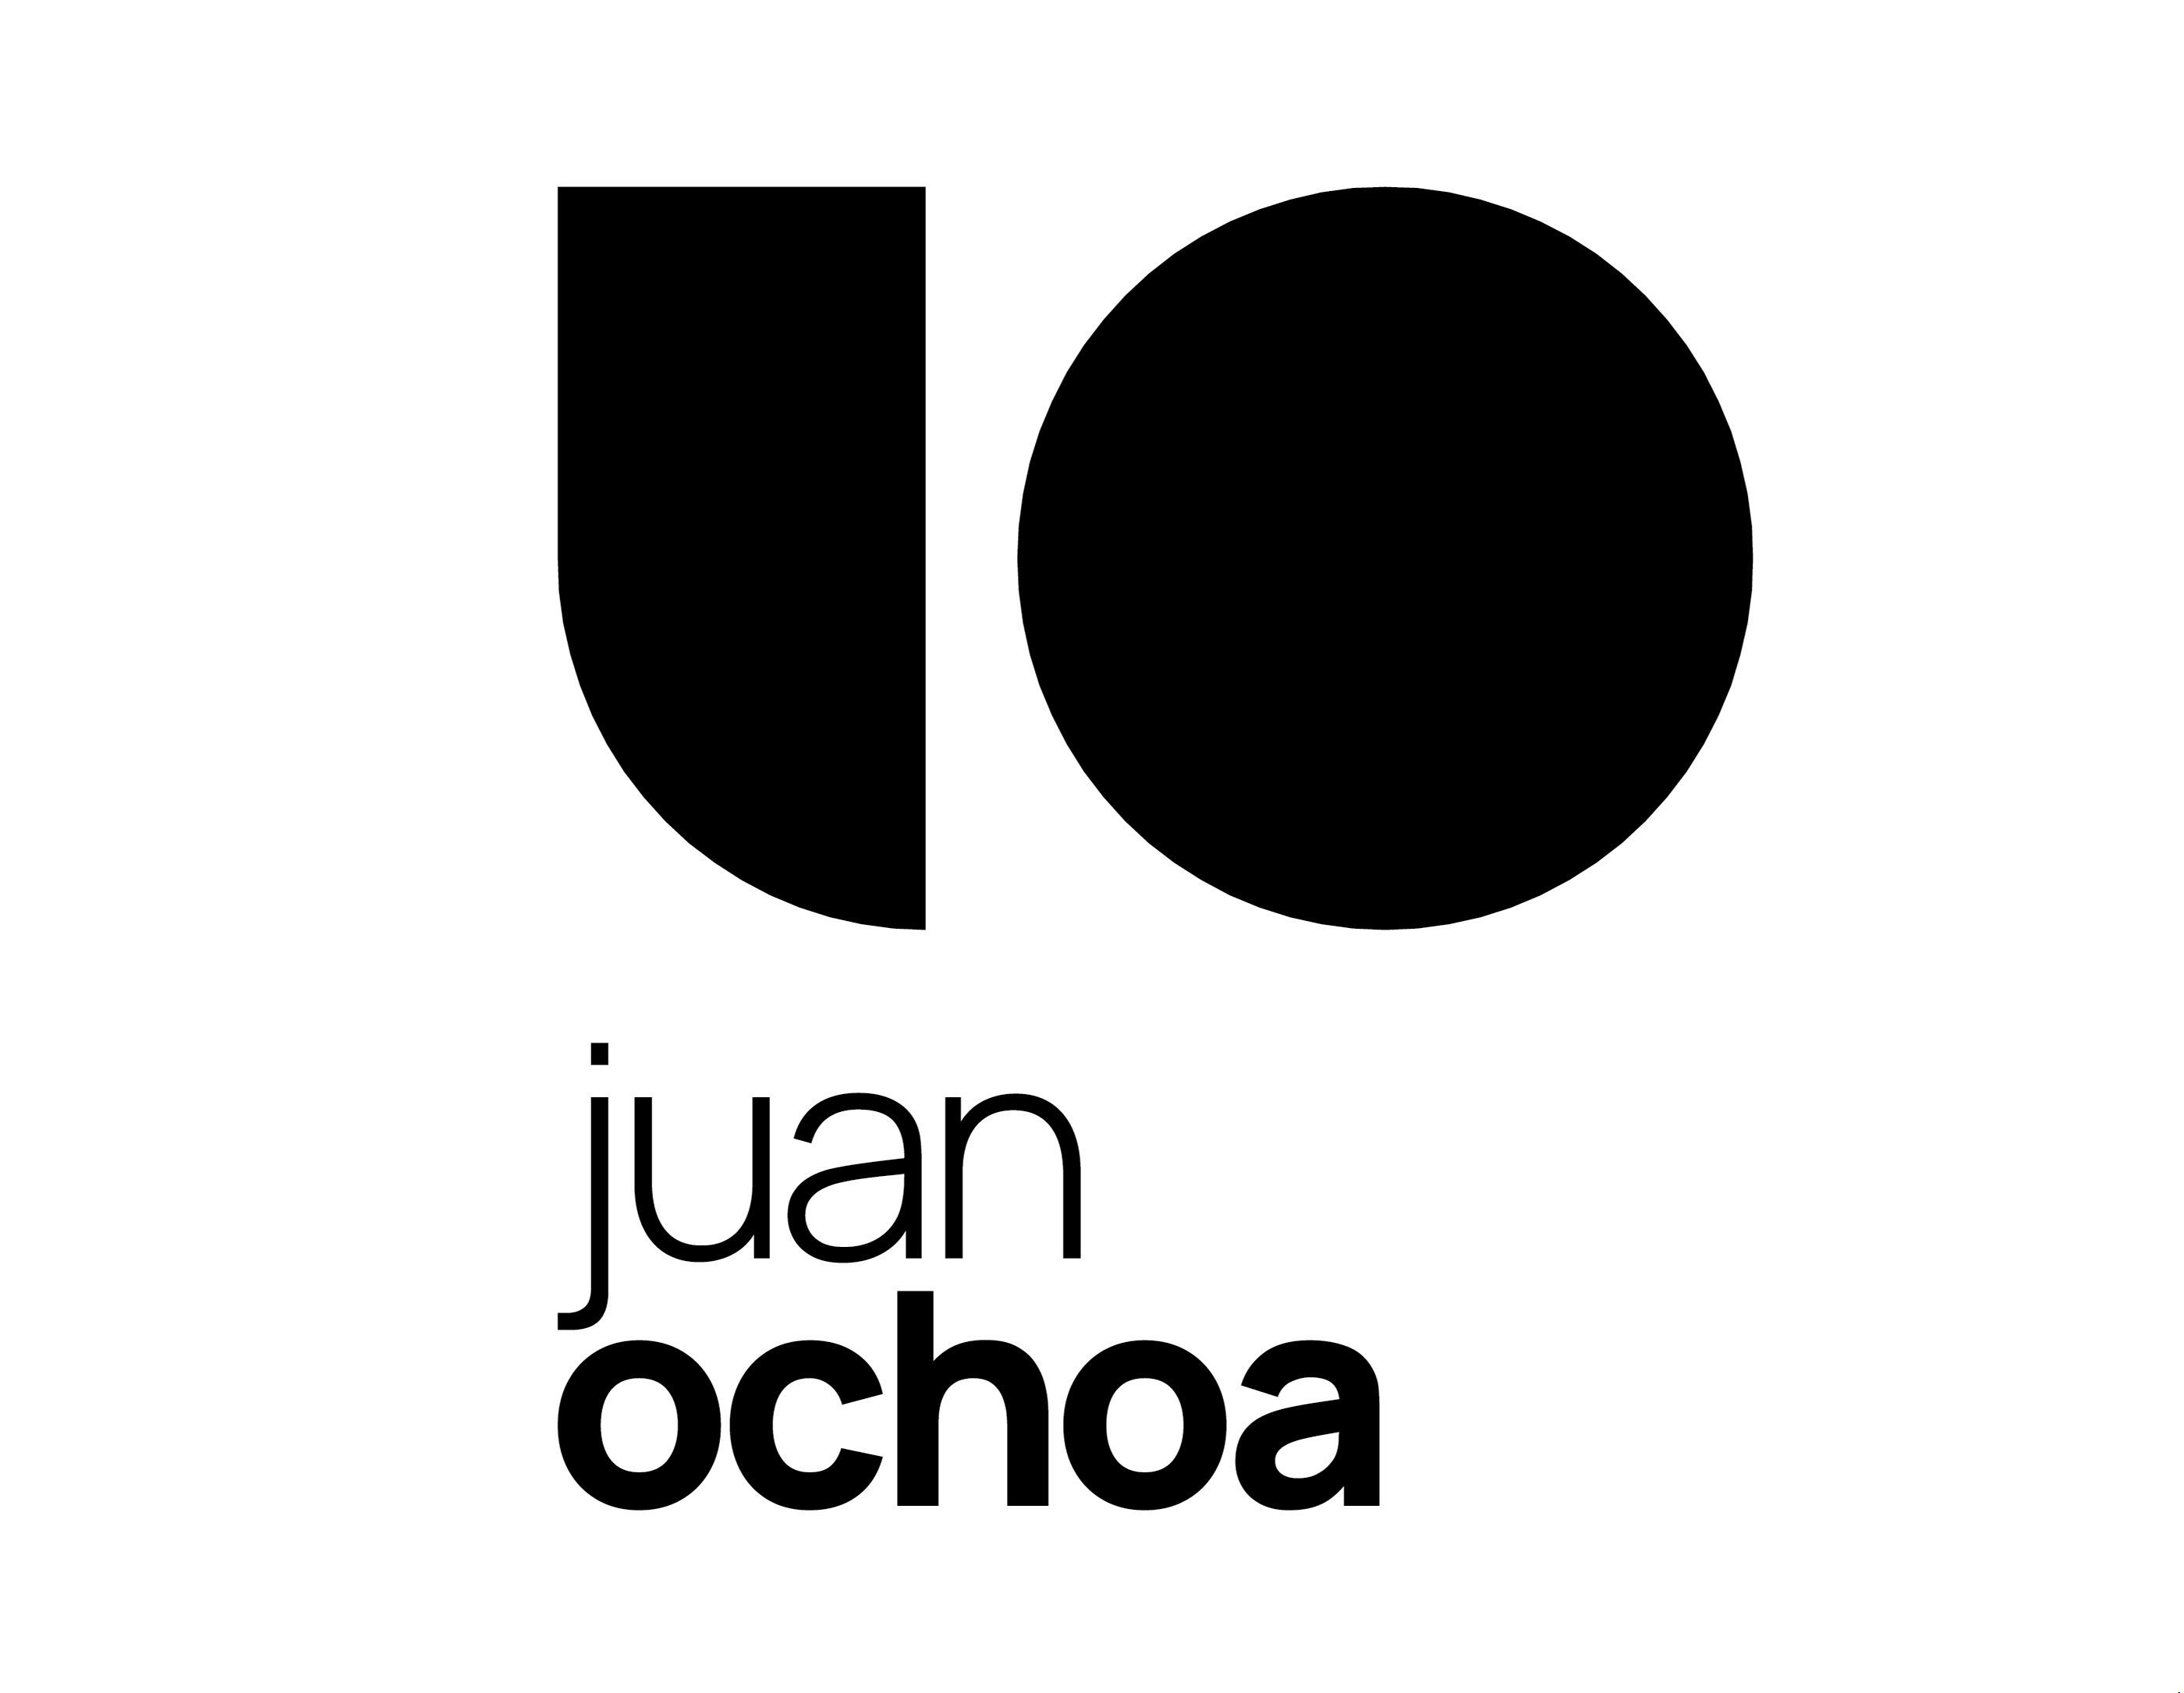 Juan Jose Ochoa